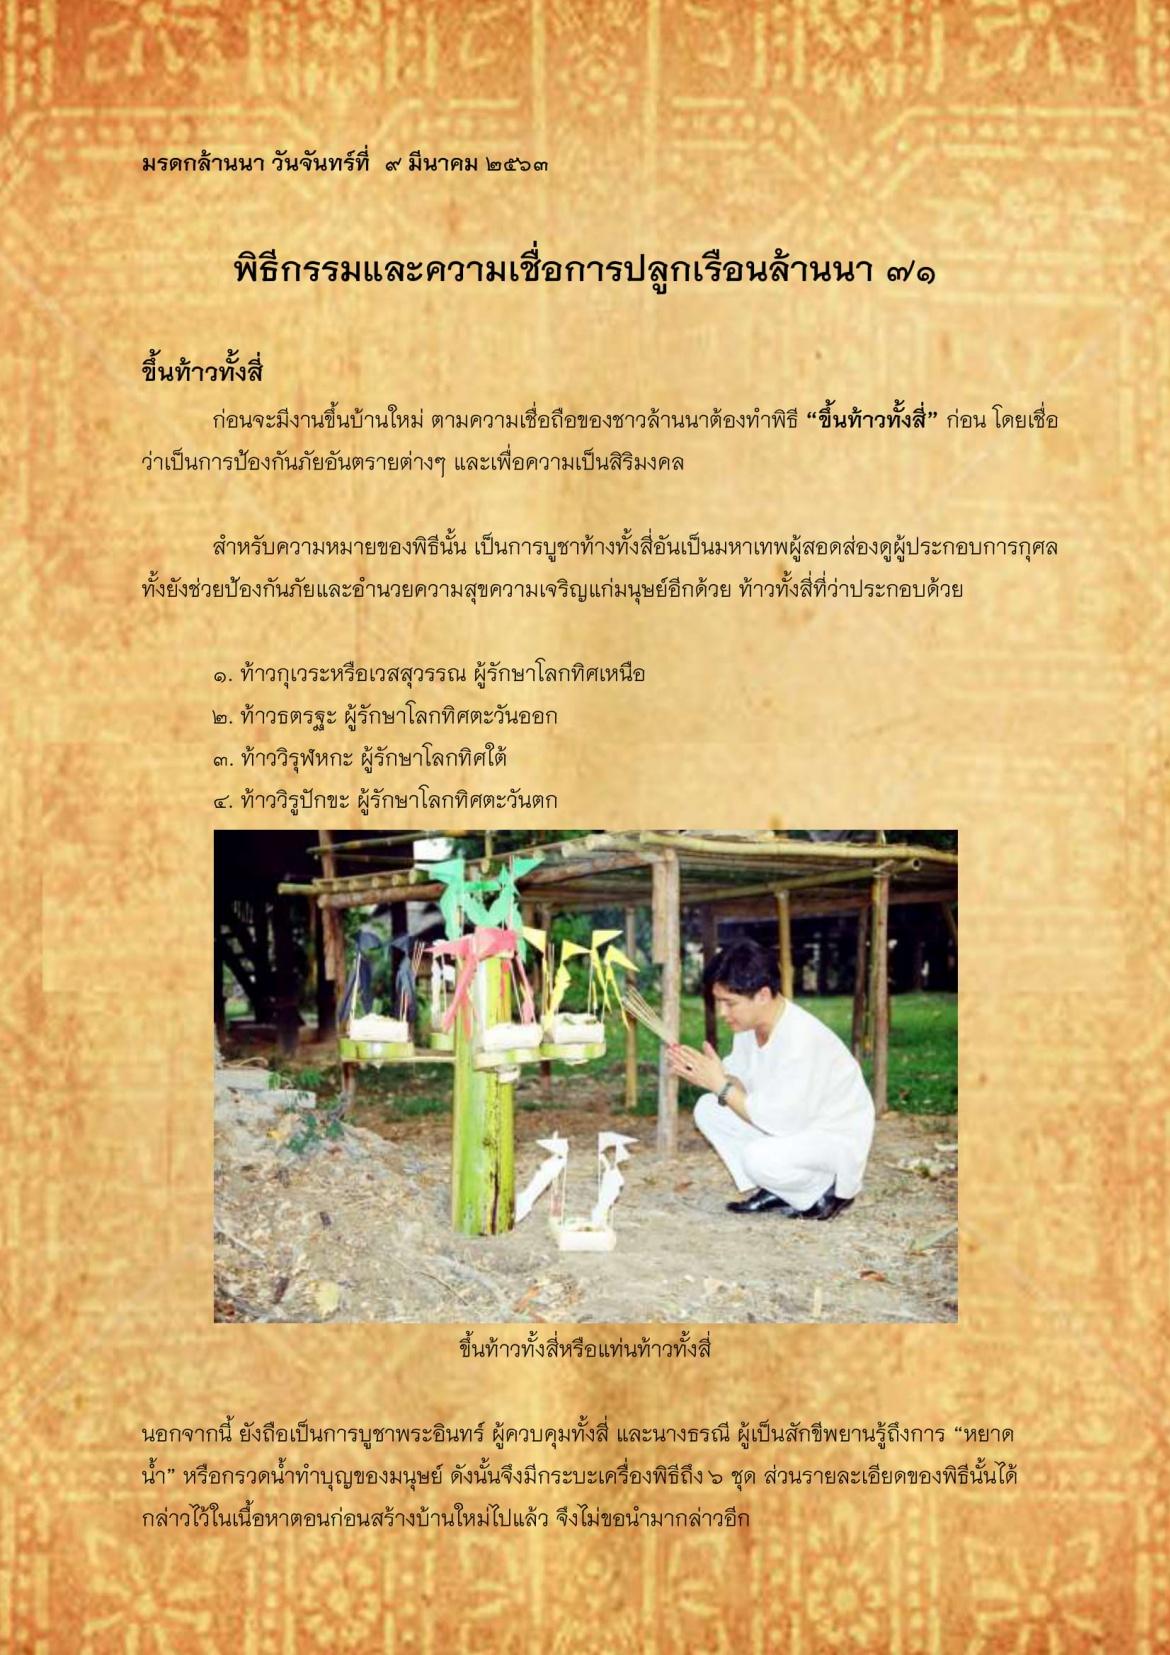 พิธีกรรมเเละความเชื่อการปลูกเรือนล้านนา(71) - 9 มีนาคม 2563